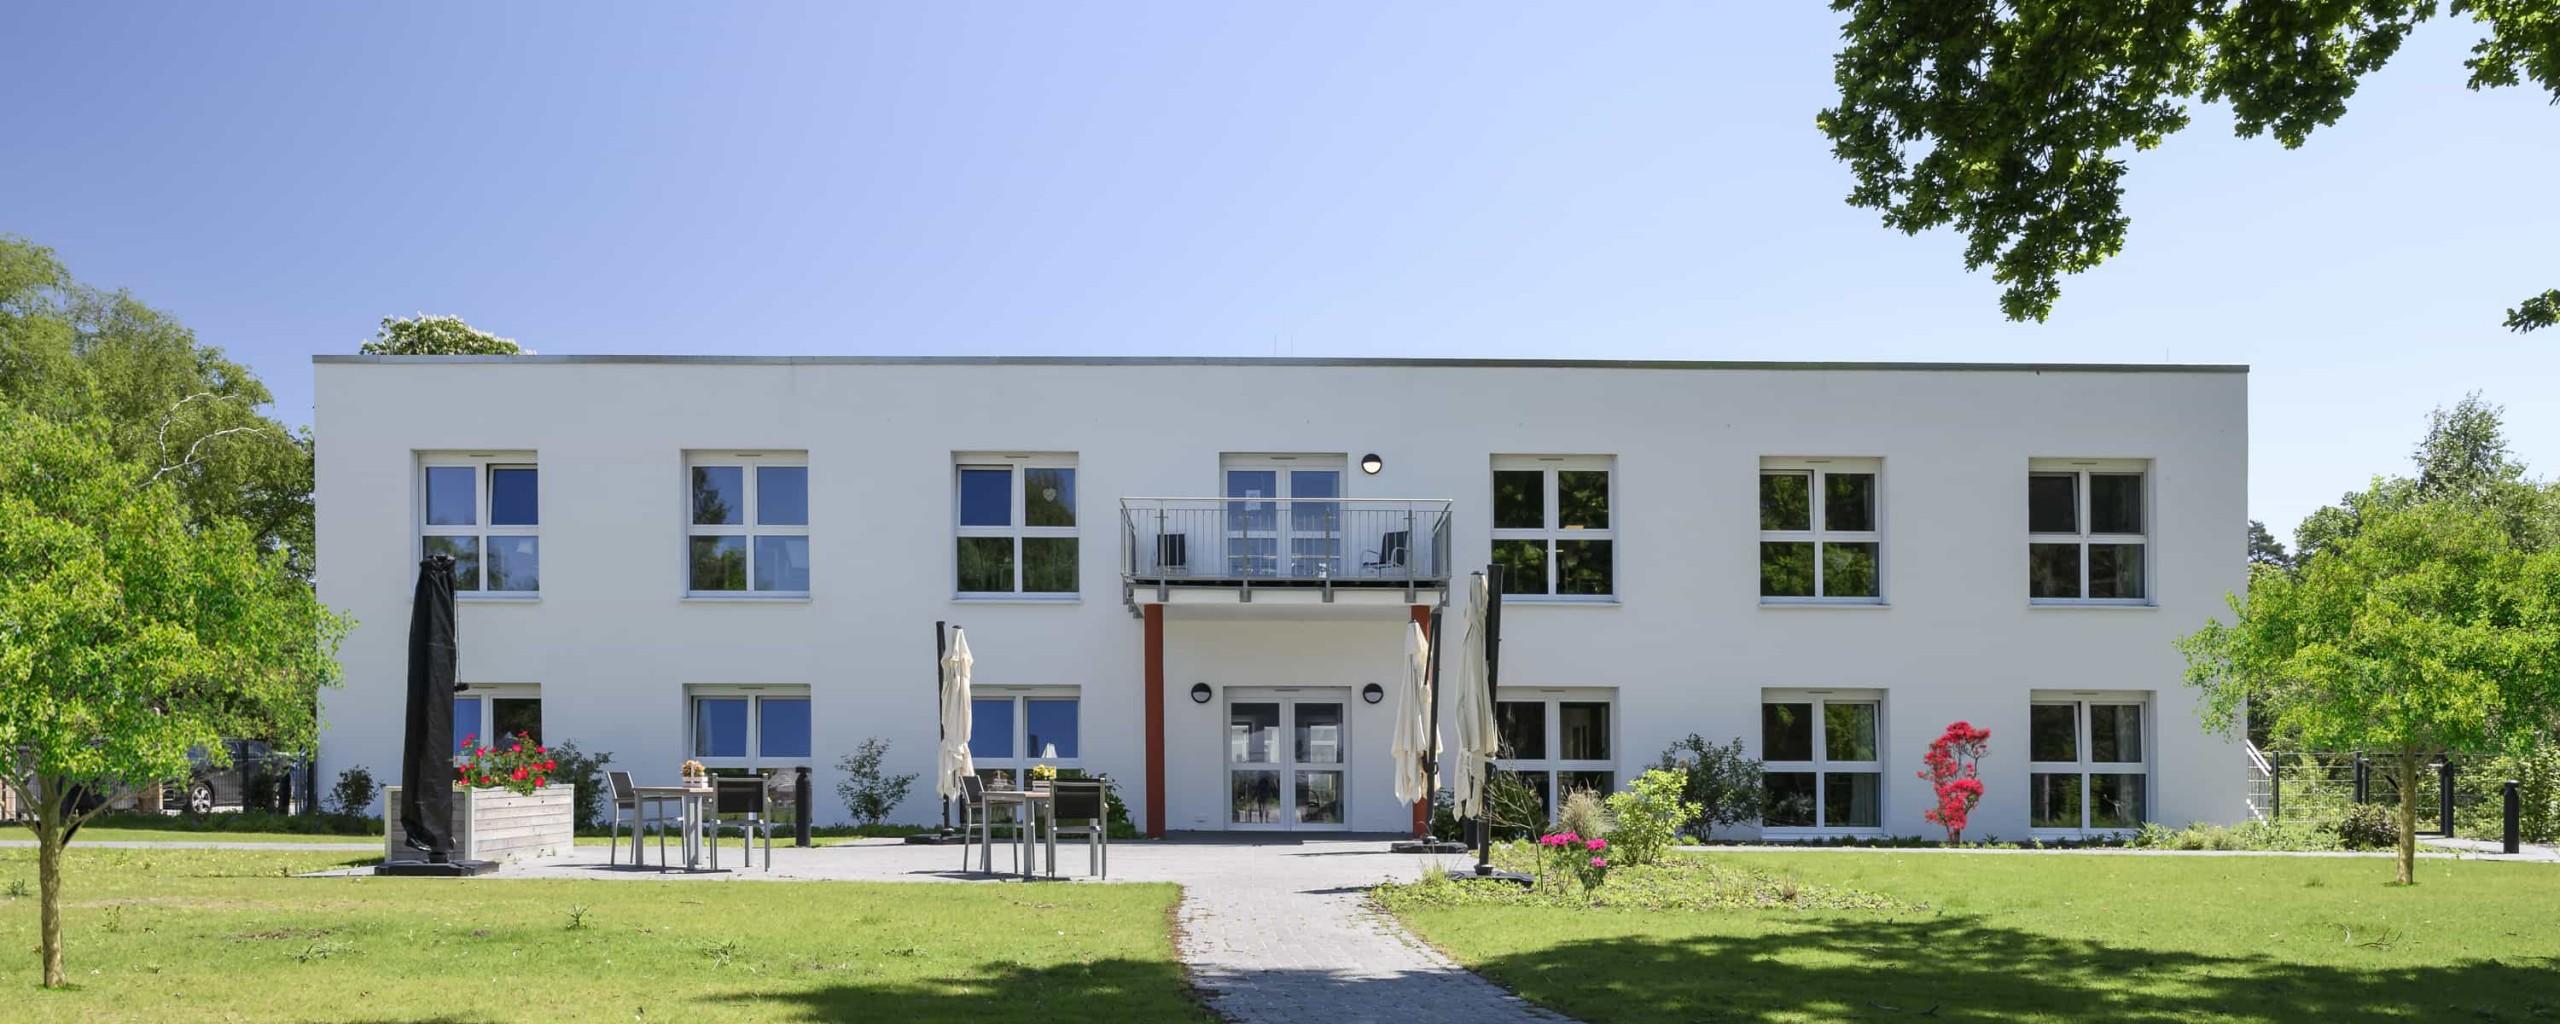 pflegeheim-neuenkirchen